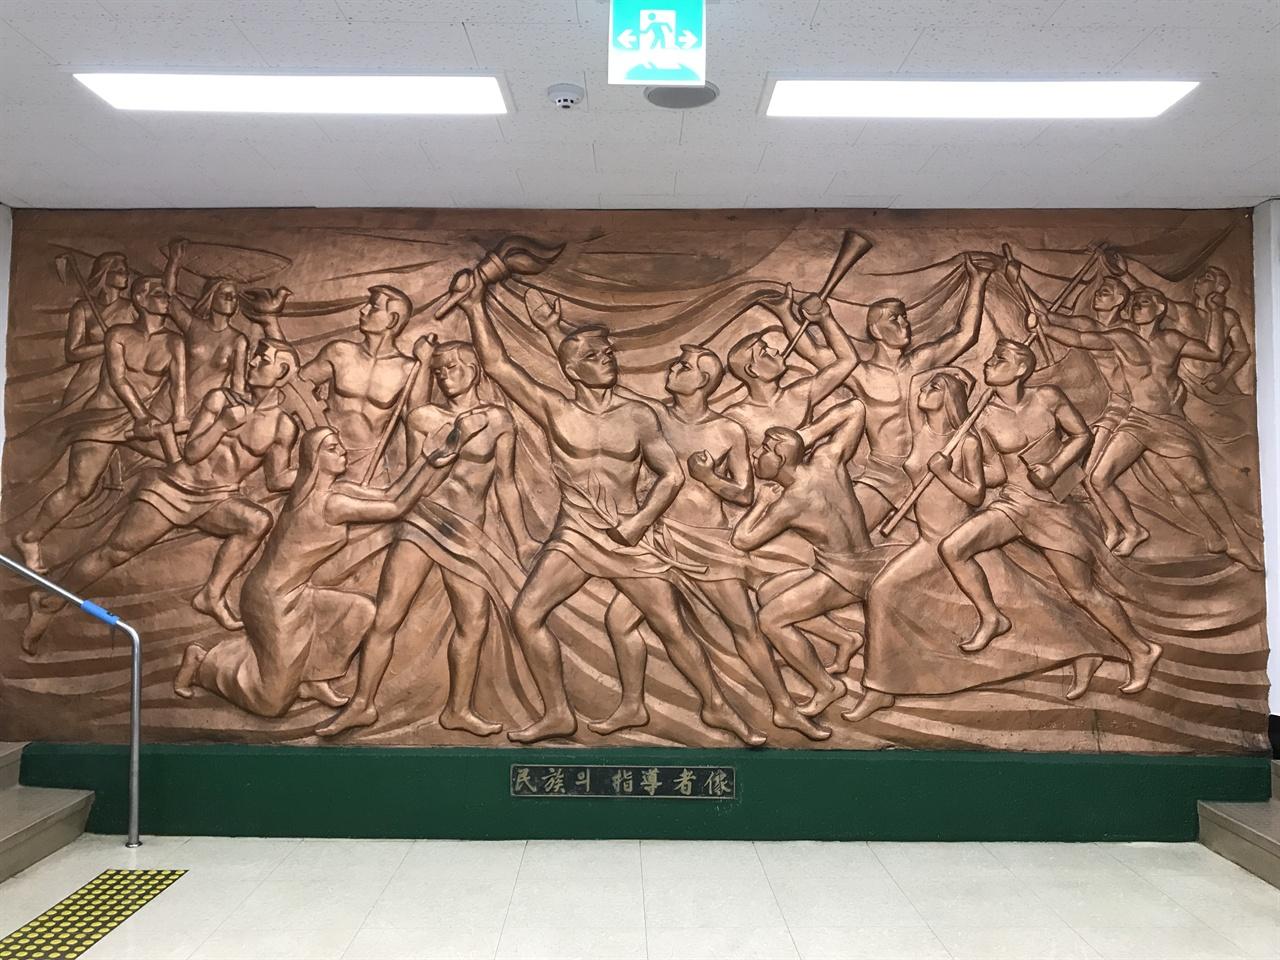 용산도서관 <민족의 지도자상> 용산도서관 1층에서 2층으로 올라가는 중앙계단에 있는 이 작품은 1972년 9월 박석원이 만든 작품이다. 이곳이 민주공화당 중앙당사였음을 알려주는 유일한 흔적이다.